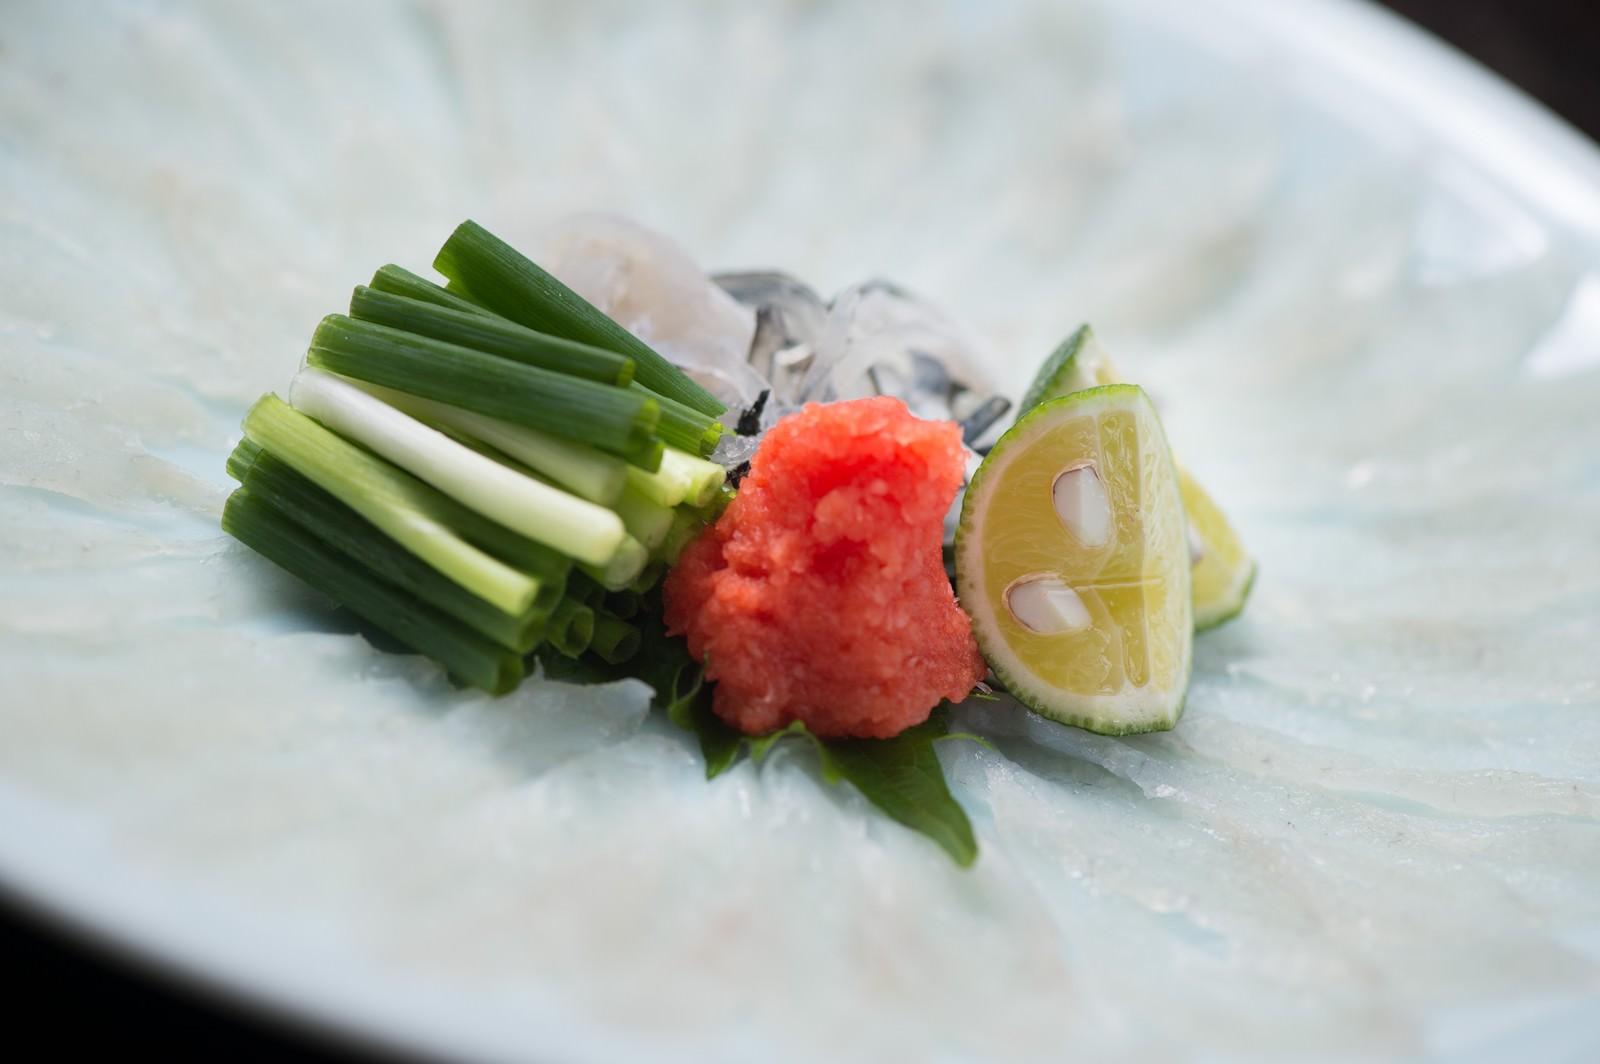 「皿が透き通るほどの薄さ。栄太郎の飛騨ふぐのテッサ皿が透き通るほどの薄さ。栄太郎の飛騨ふぐのテッサ」のフリー写真素材を拡大